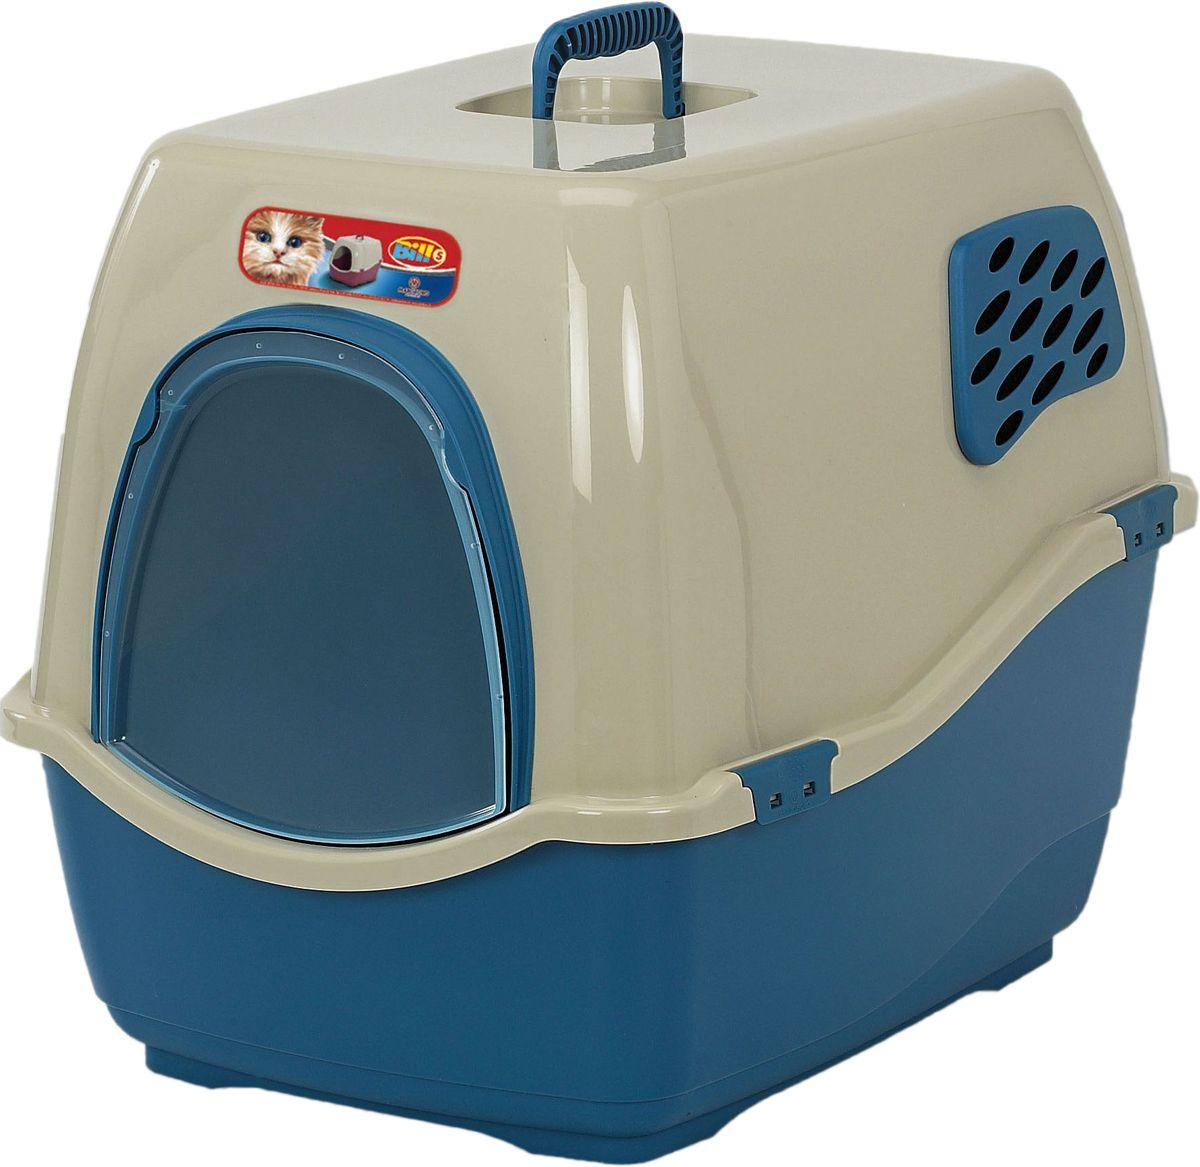 Био-туалет для кошек Marchioro Bill 2F, цвет: синий, бежевый, 57 х 45 х 48 см0120710Пластиковый био-туалет поможет защитить дом от неприятных запахов и придется по нраву даже самым привередливым питомцам. Закрытый био-туалет Marchioro Bill 2F с угольным фильтром препятствует распространению неприятных запахов.Подвижная передняя створка позволяет животному самостоятельно пользоваться туалетом.В комплект входит фильтр, дверка и ручка. Фильтр необходимо менять каждые 3-6 месяцев. Размер 57 х 45 х 48 см.